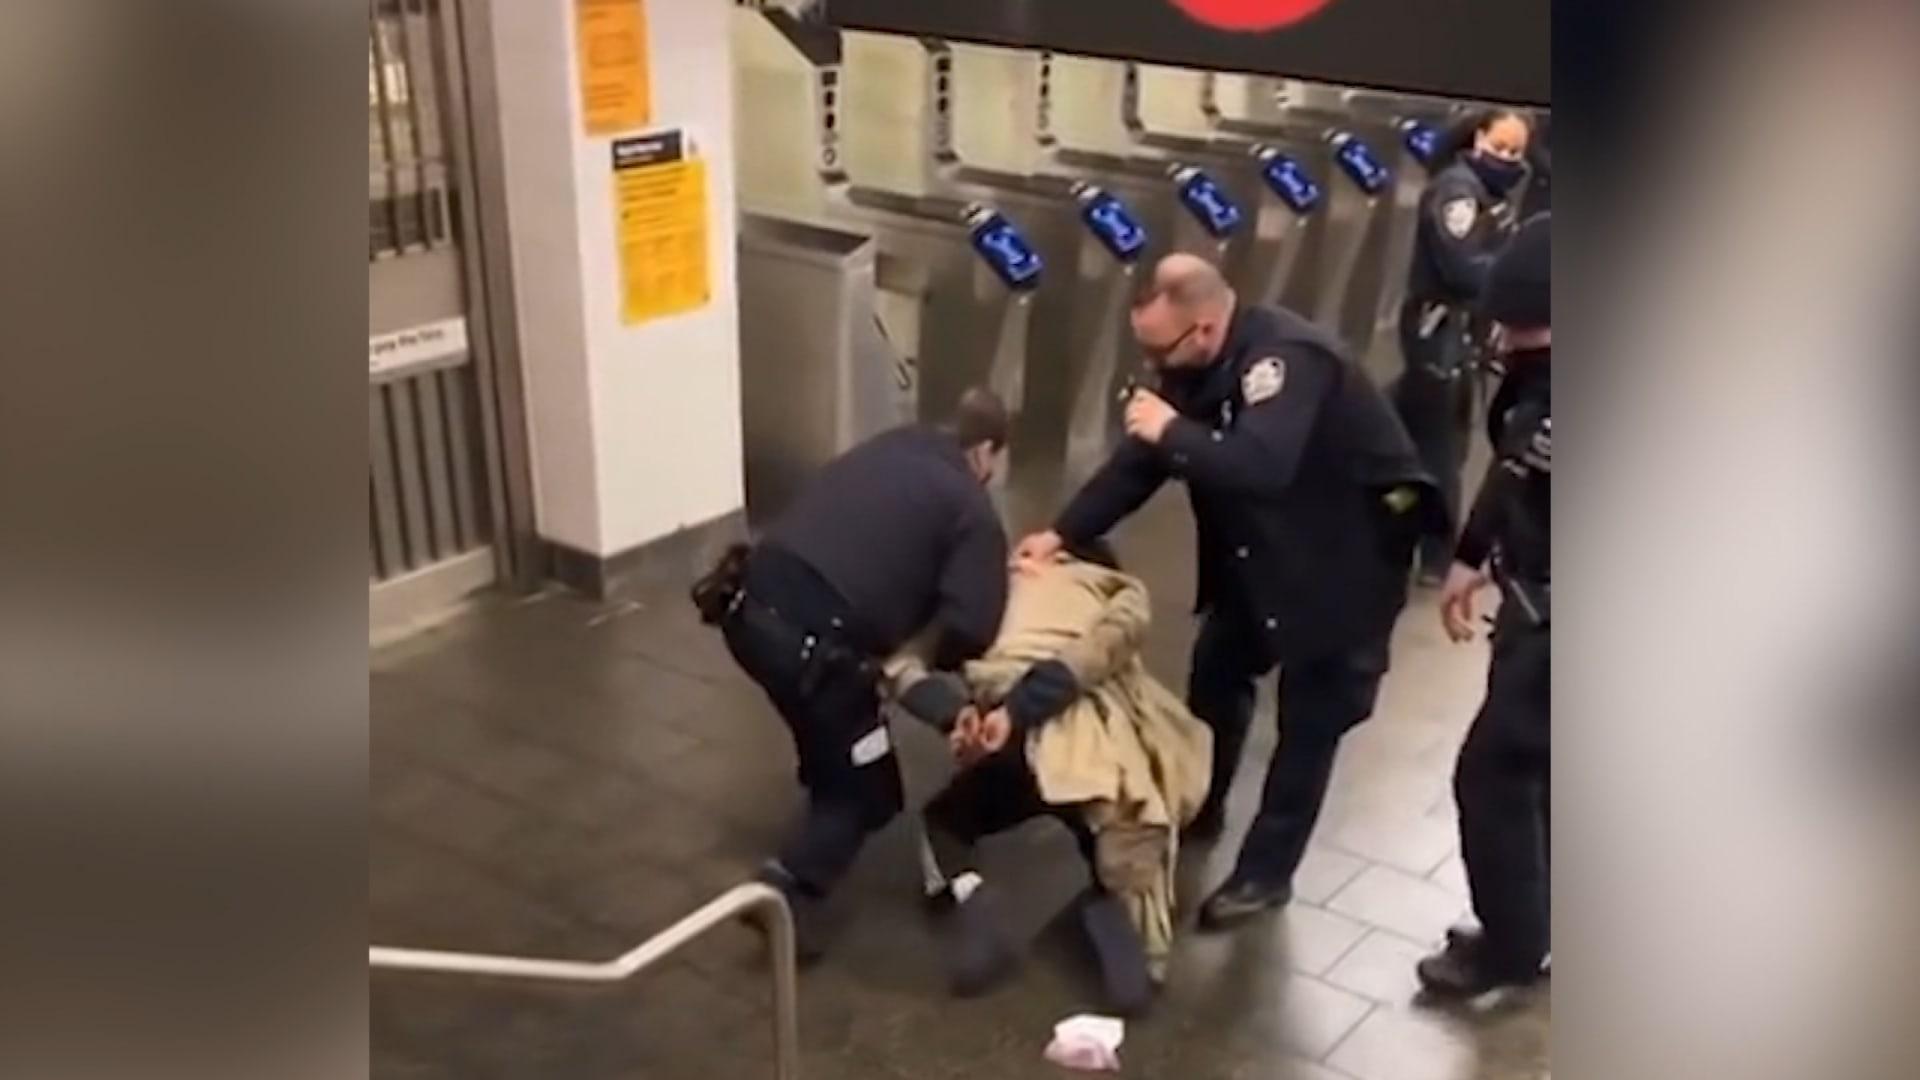 فيديو يُظهر ضابط شرطة نيويورك وهو يوجه لكمات لمشتبه به